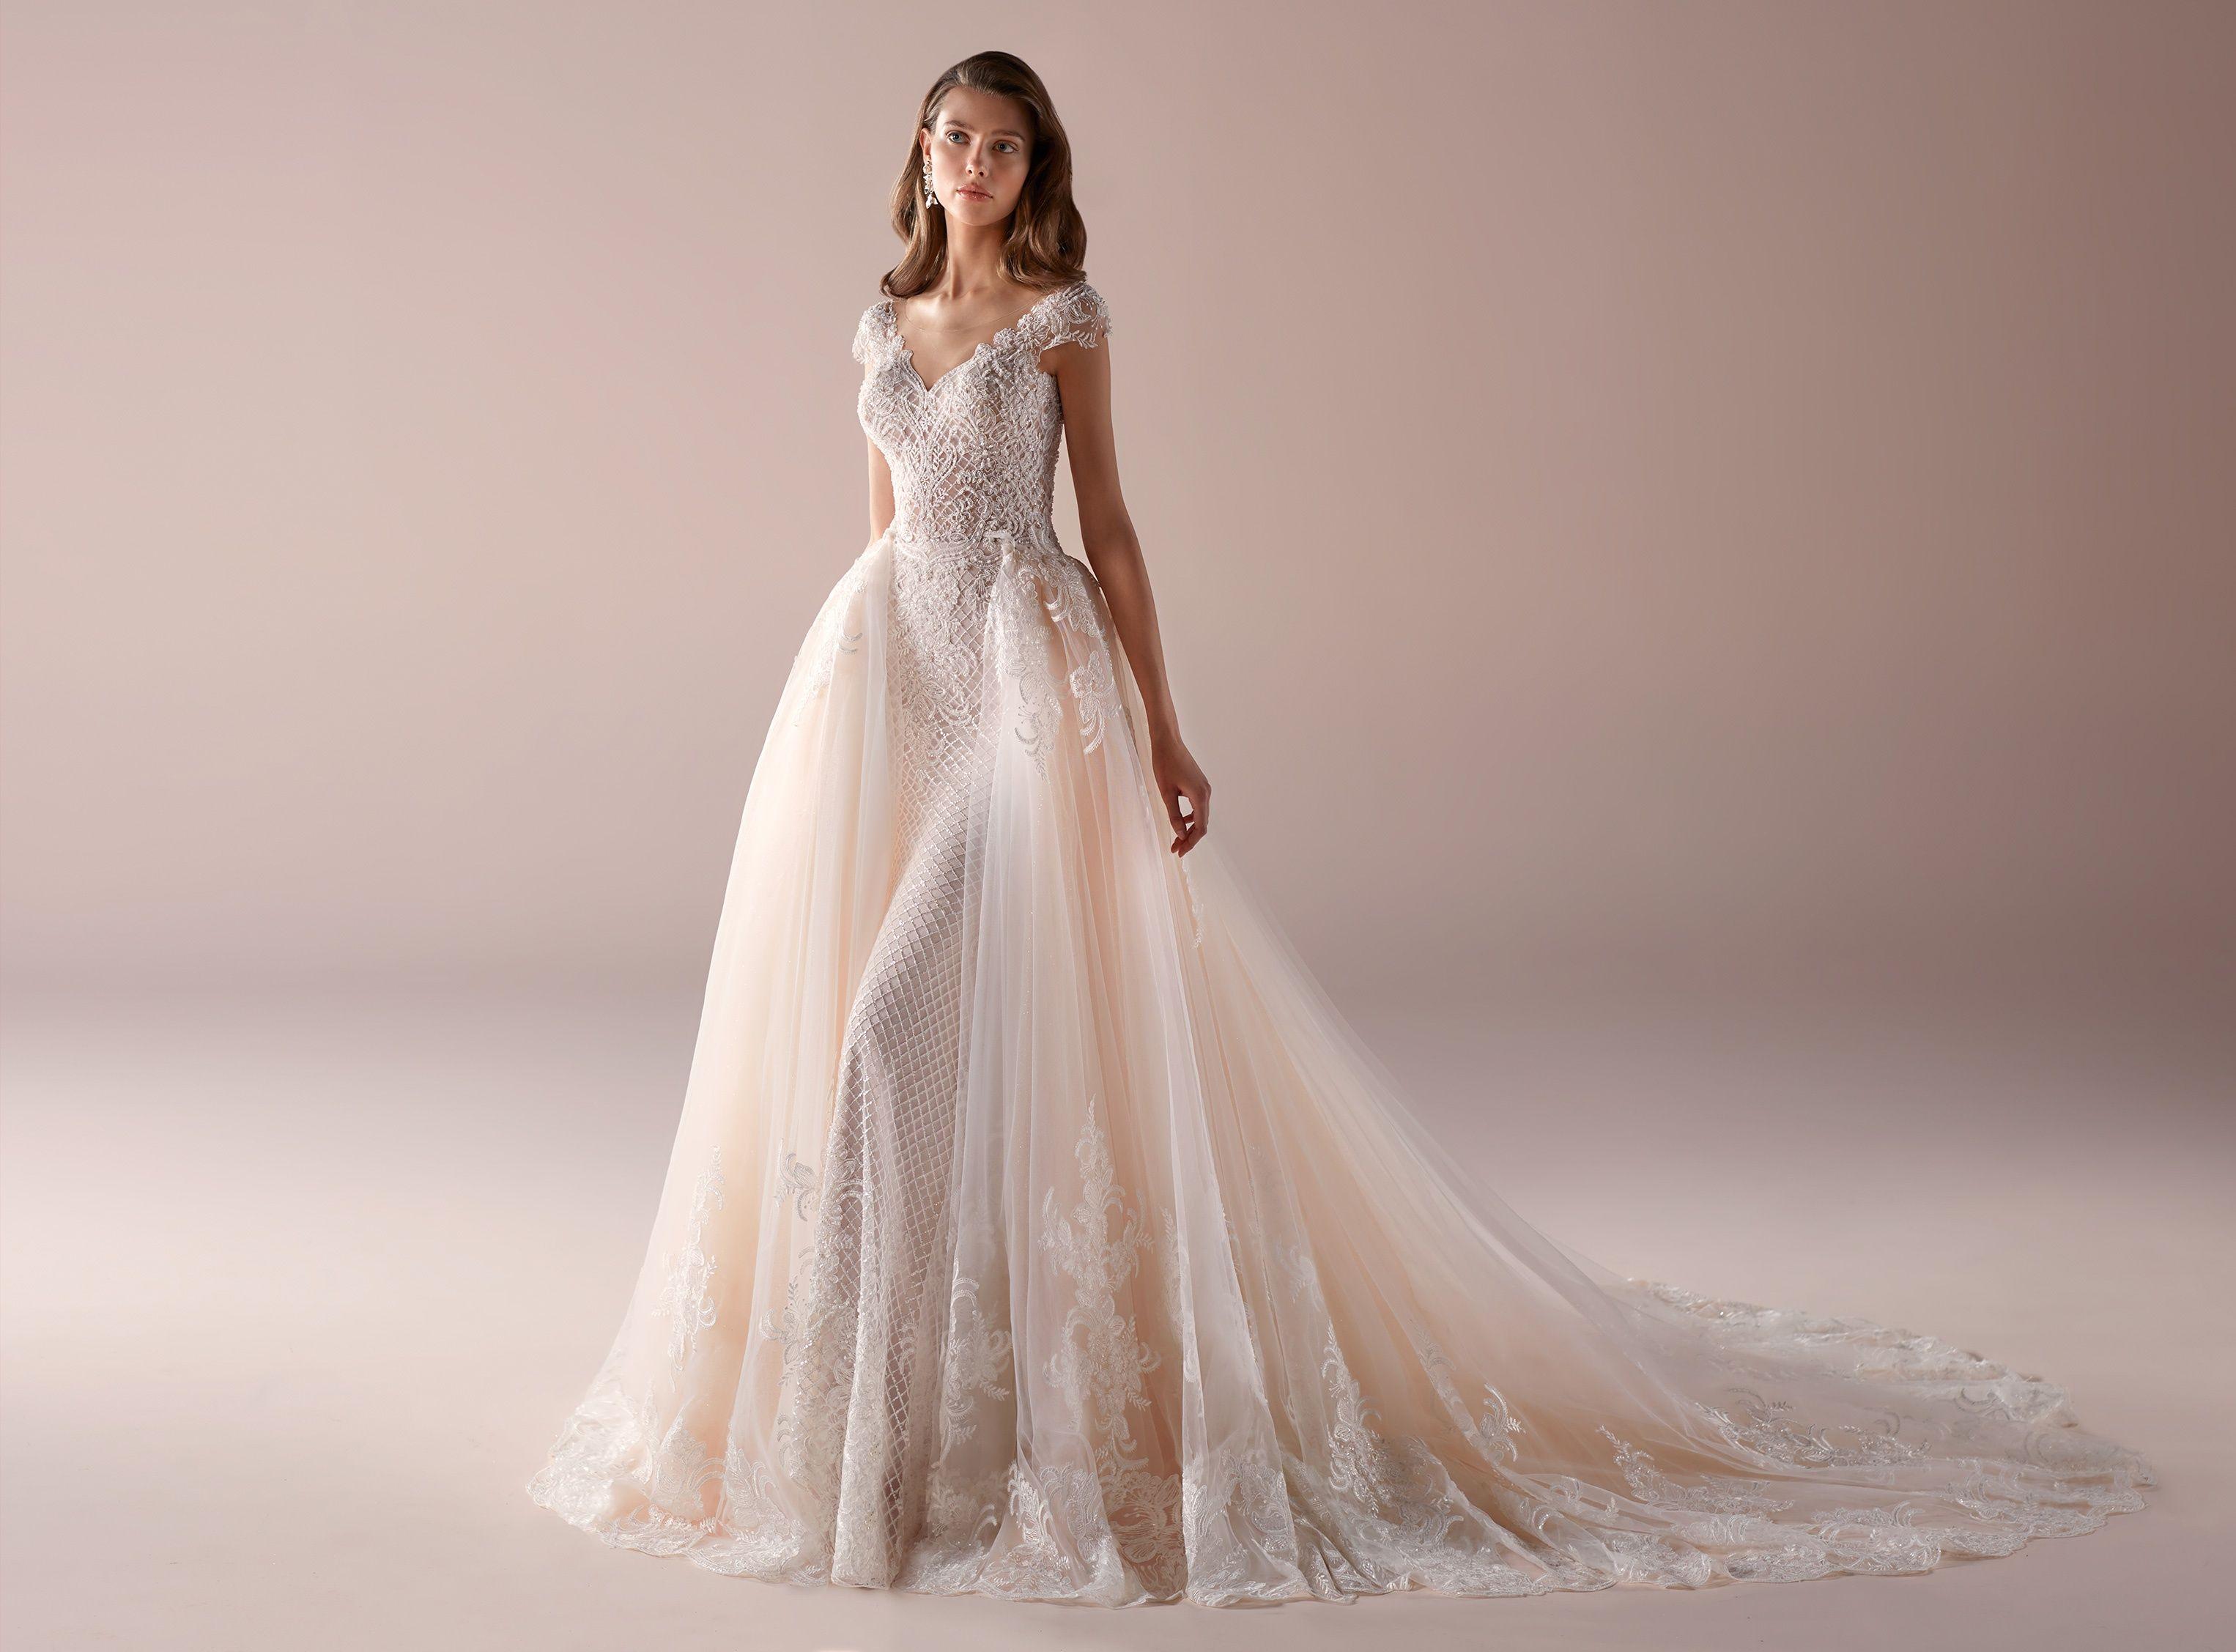 Abiti Da Sposa Immagini.Moda Sposa 2019 Collezione Romance Roab19808 Abito Da Sposa